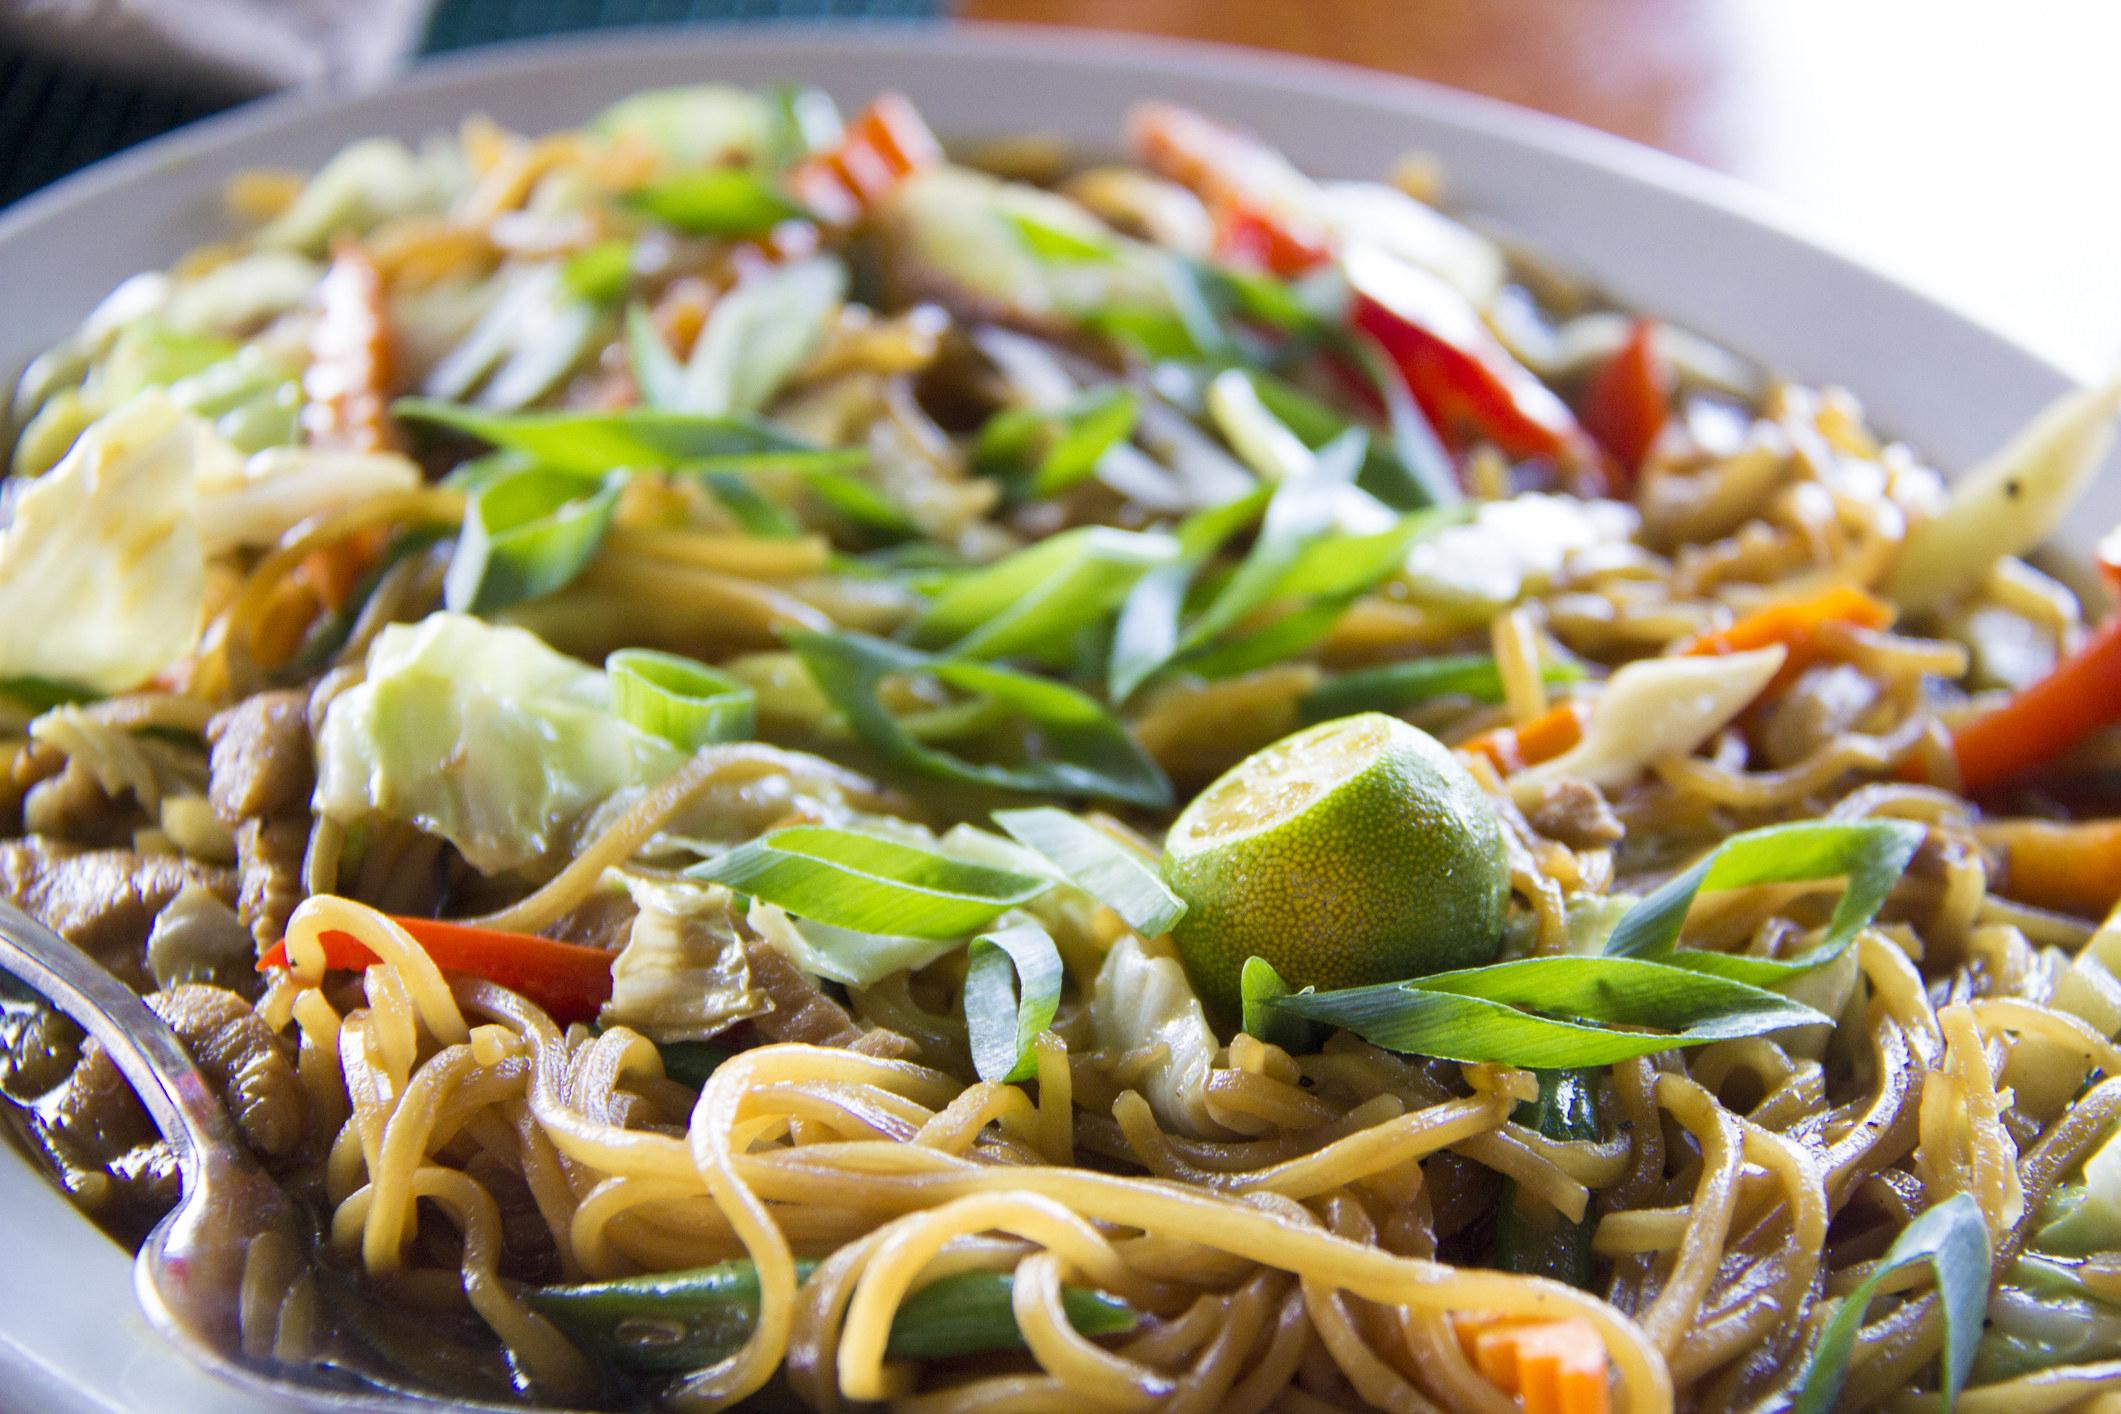 Filipino pancit aka stir fried noodles.